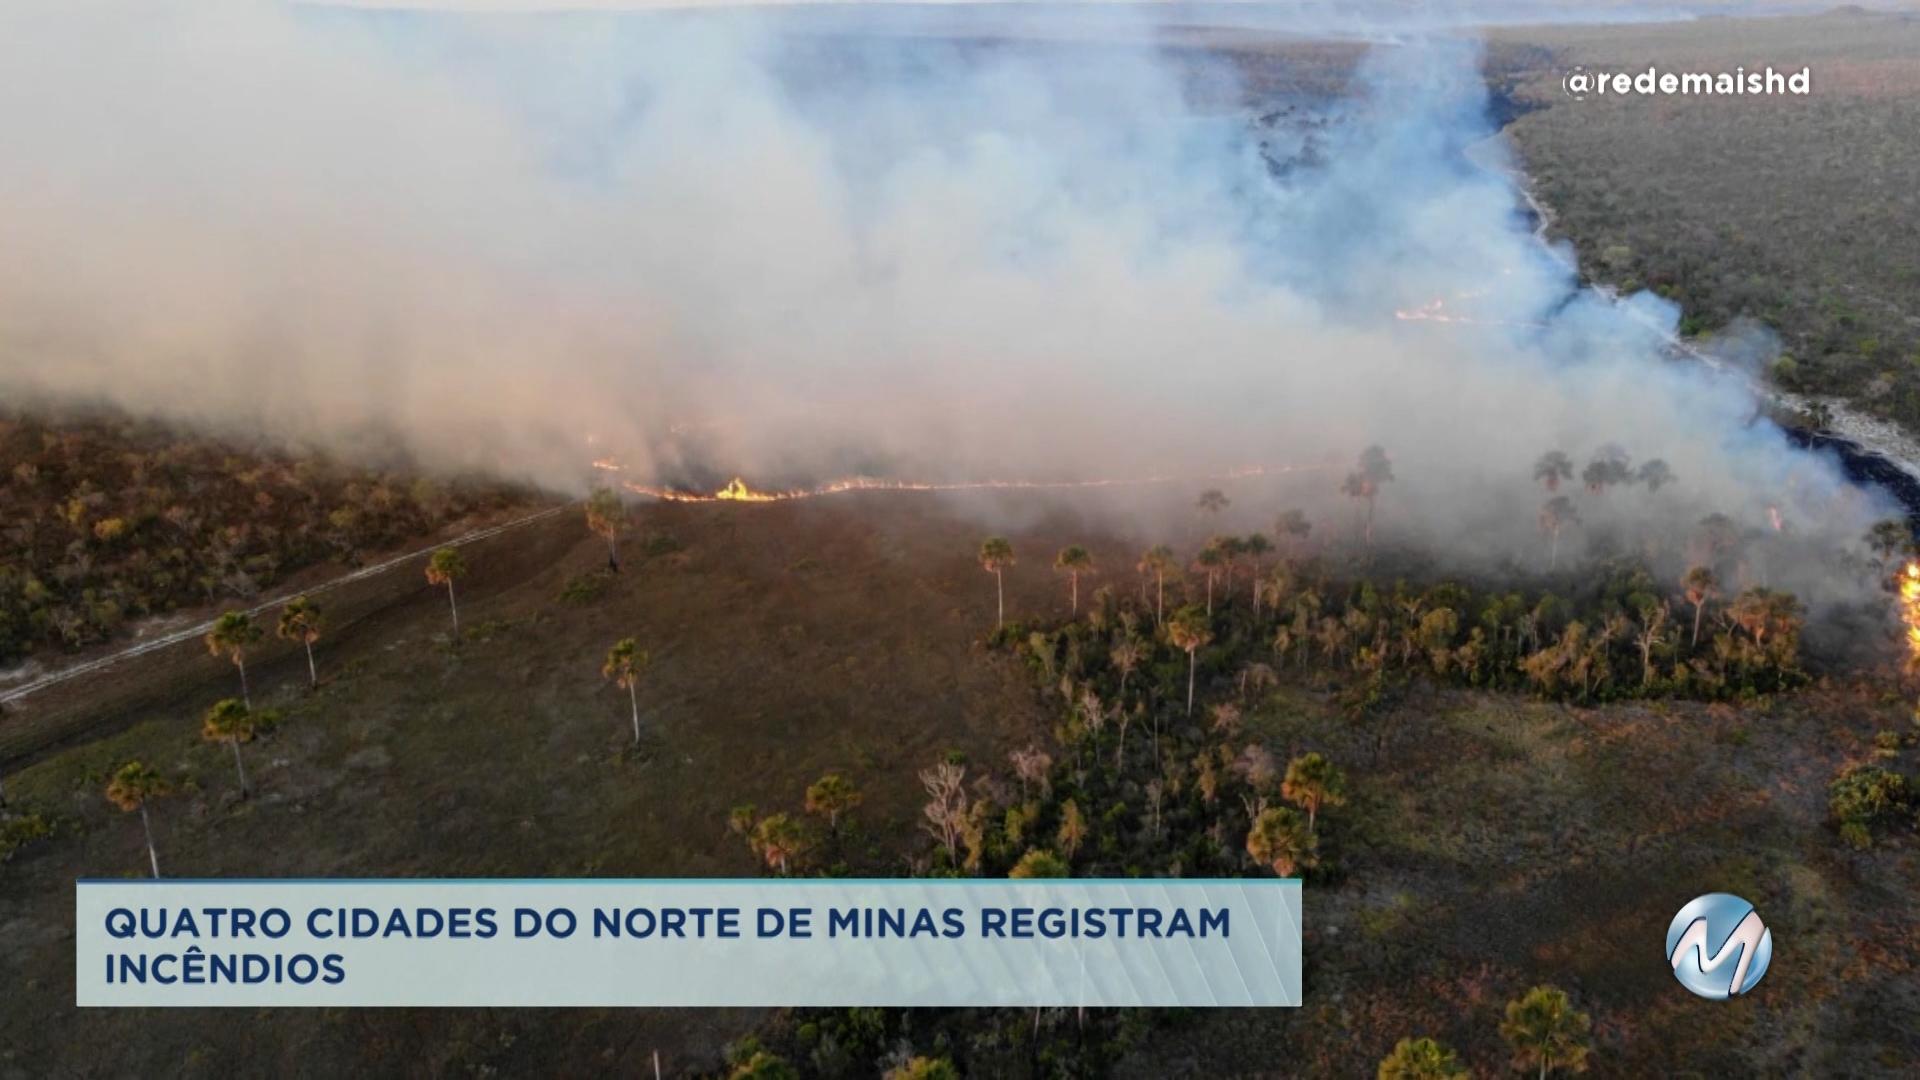 Cidades do Norte de Minas registram incêndios